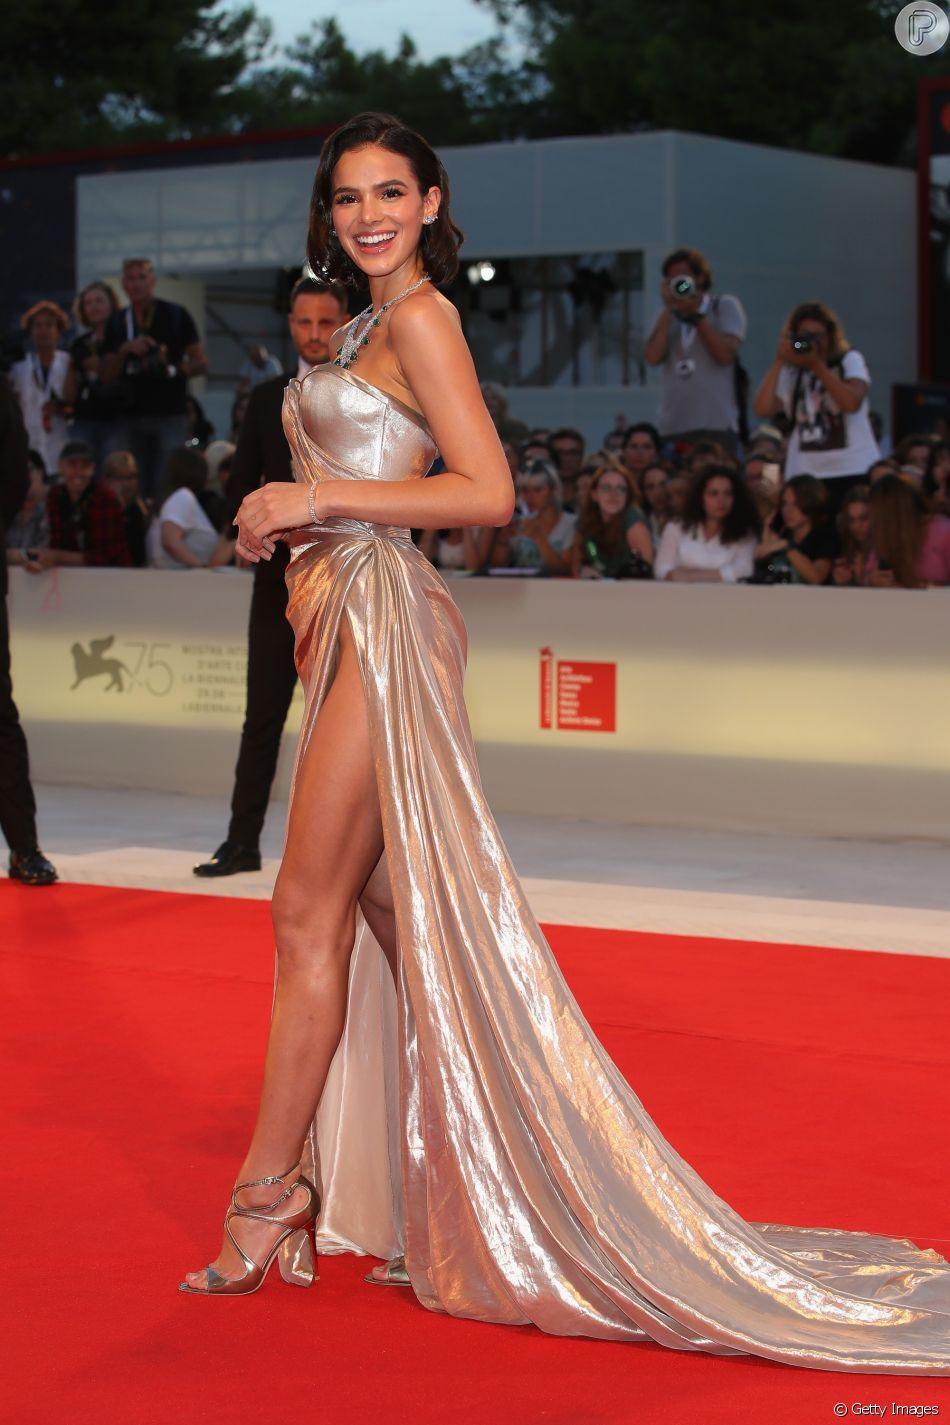 c90f5b33e4 Bruna Marquezine apostou em vestido ombro a ombro com fenda profunda no  Festival de Cinema em